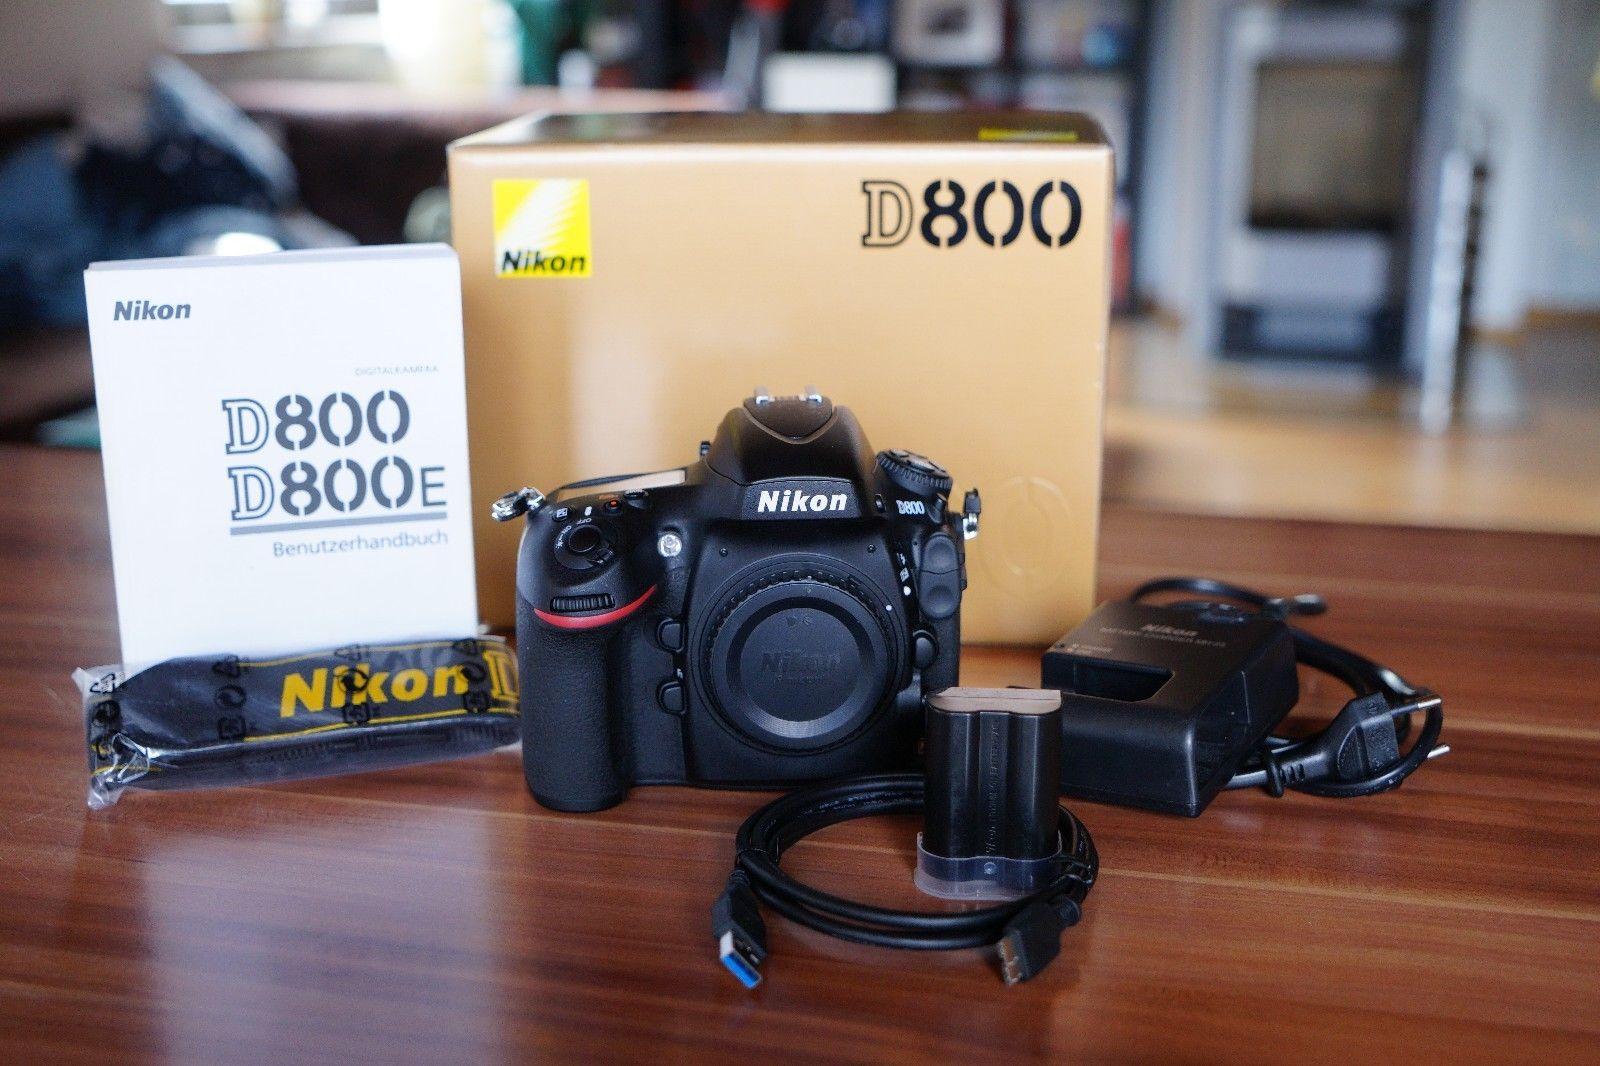 Nikon D800 in TOP Zustand und unter 14000 Auslösungen